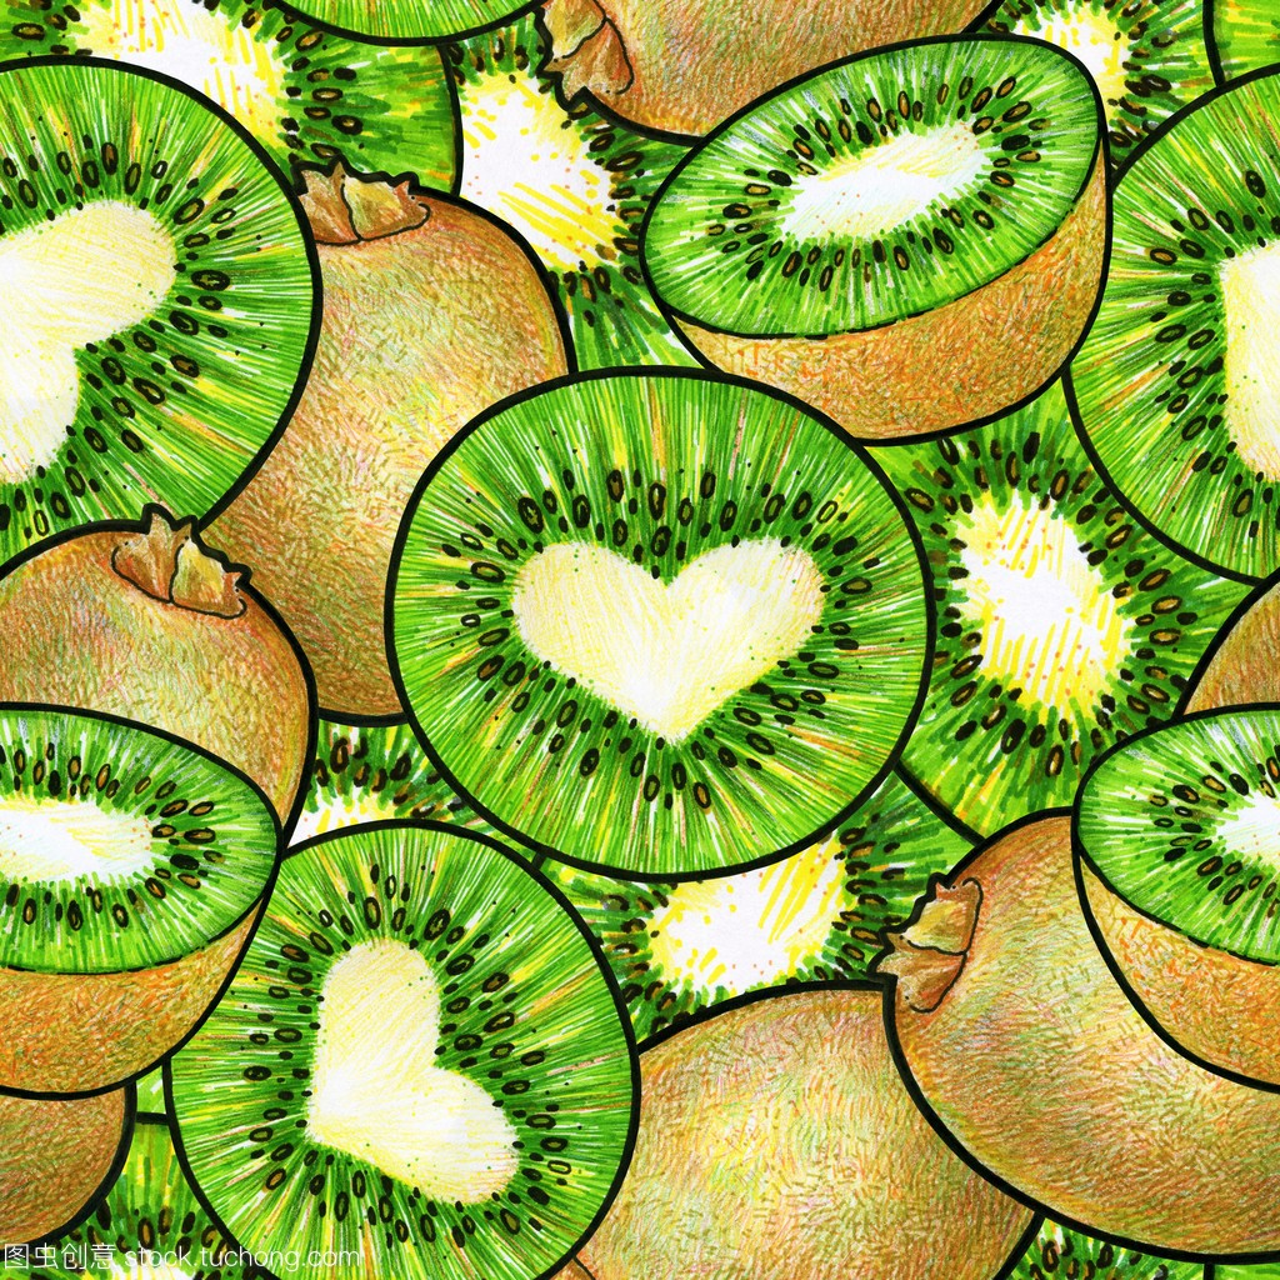 无缝a无缝果。猕猴桃涂鸦模式绘制。动画绿色设模具设计考什么工程师图片